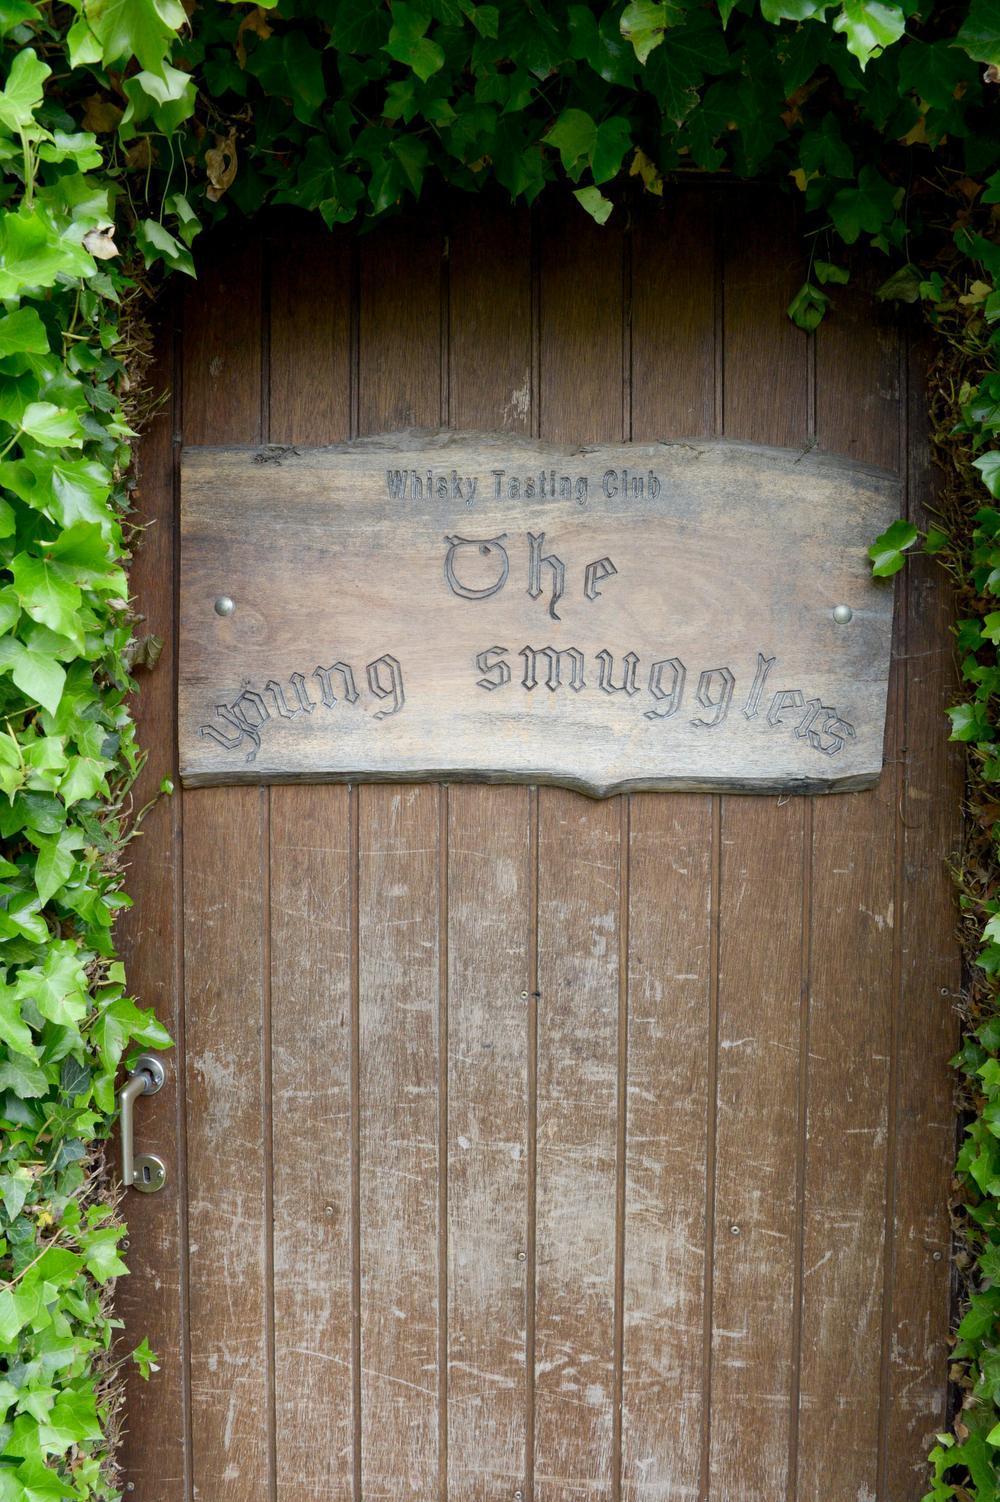 De toegangdeur tot het clubllokaal lijkt zo weggelopen uit The Lord of the Rings.